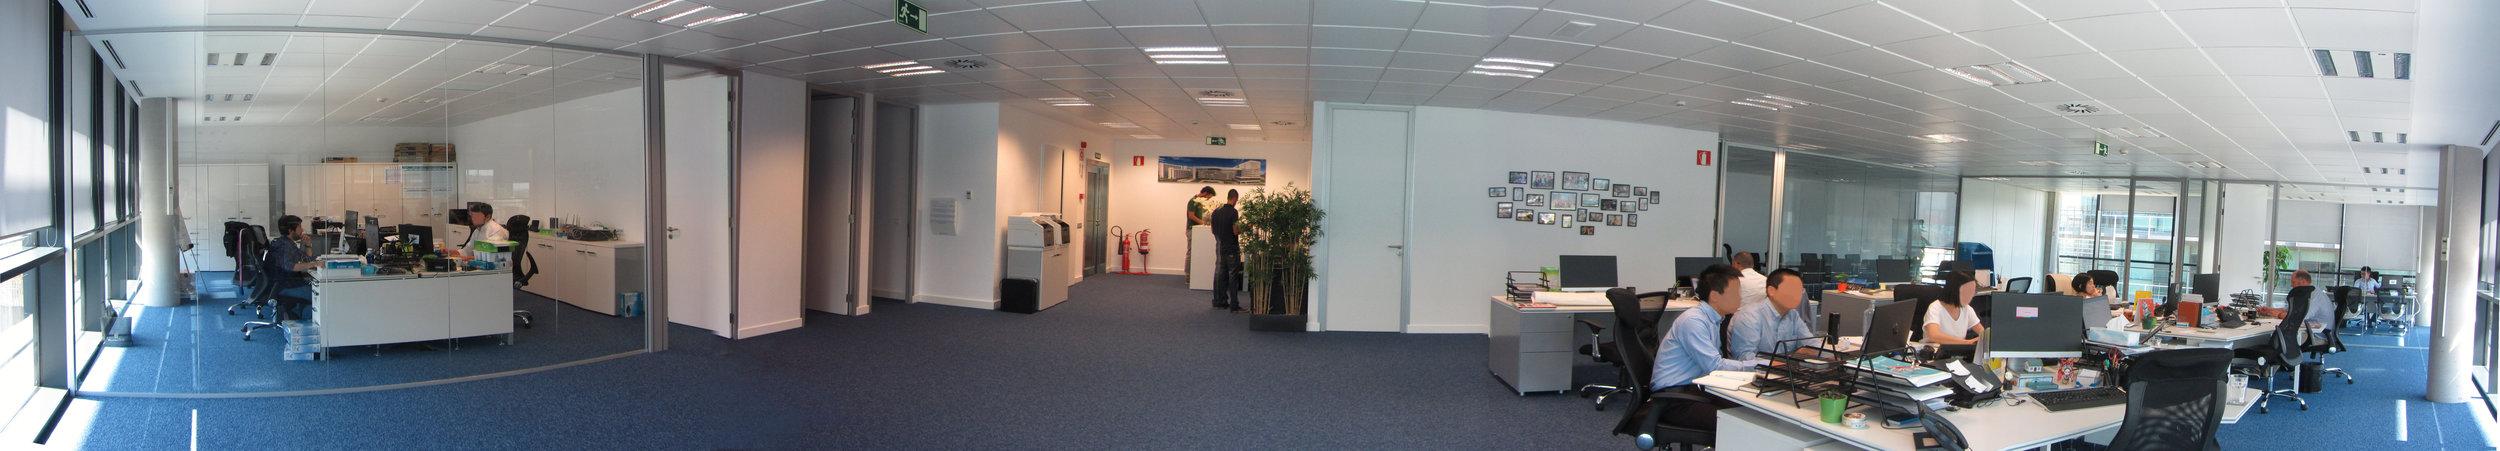 oficina interior panoramica